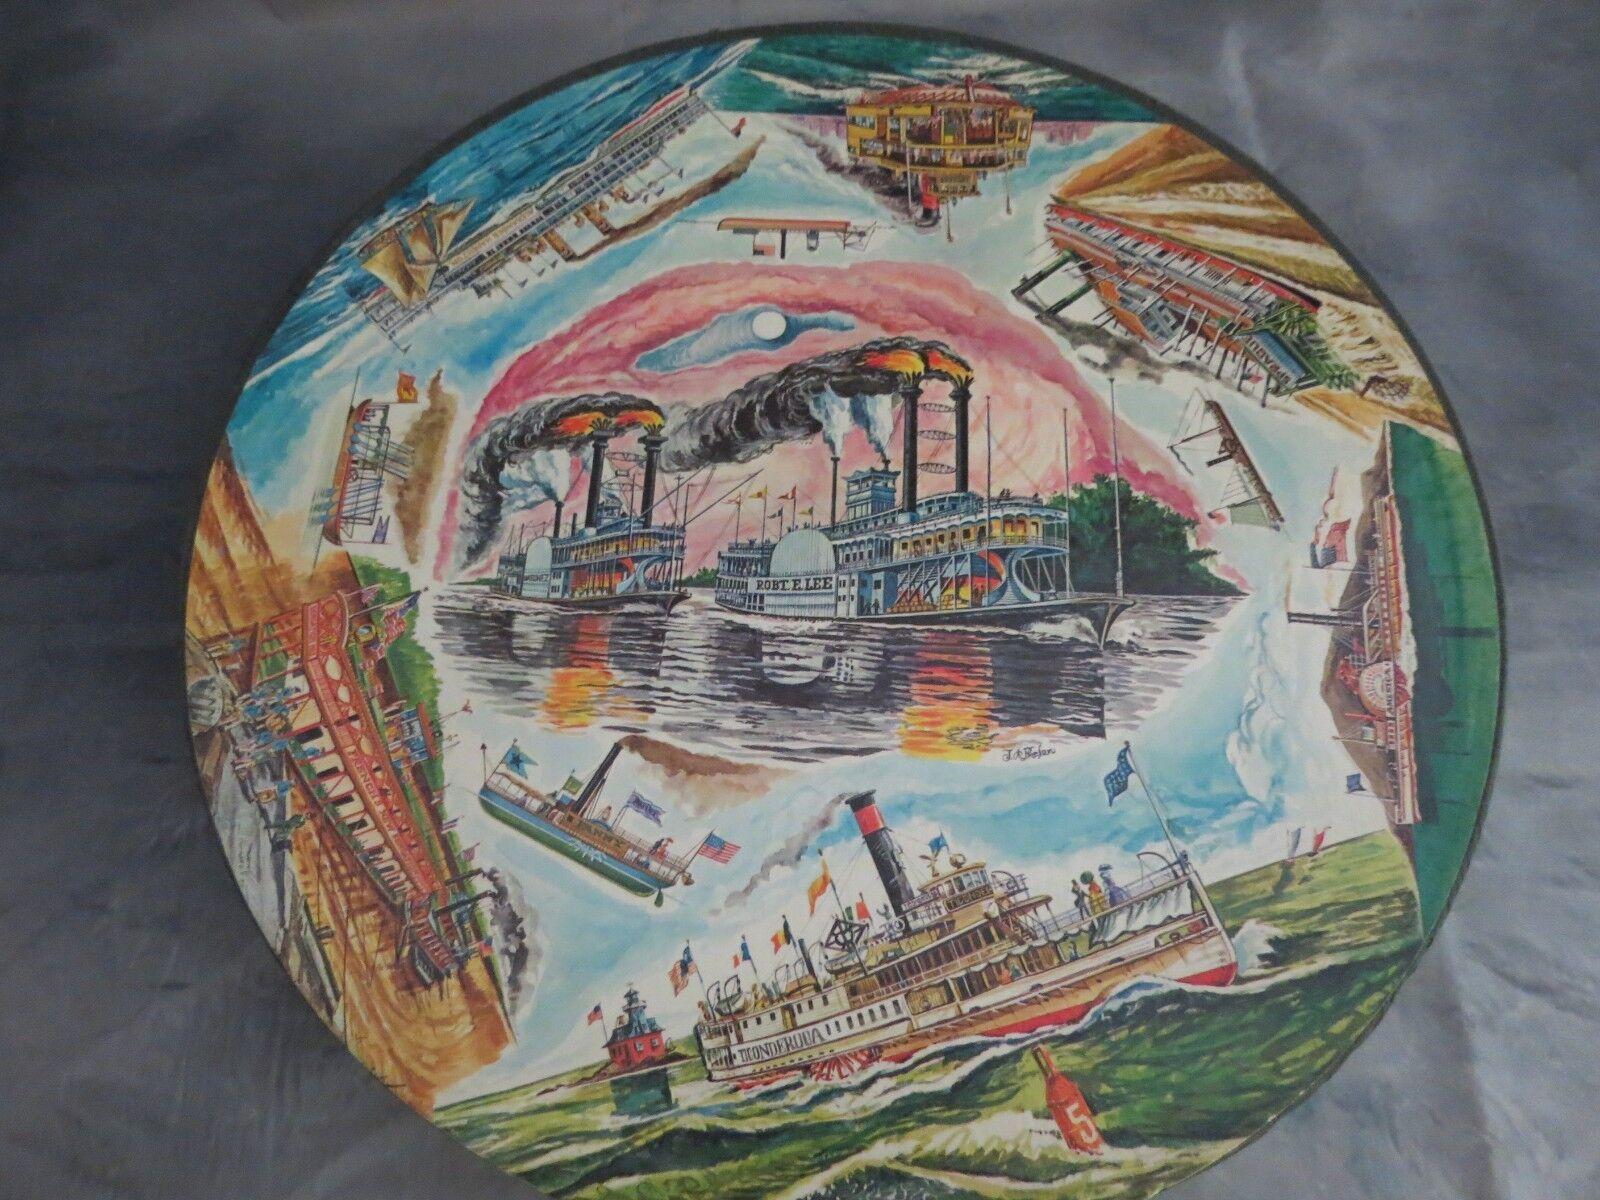 Vintage Springbok  Américain célèbre Steamboats  circulaire Jigsaw Puzzle complet